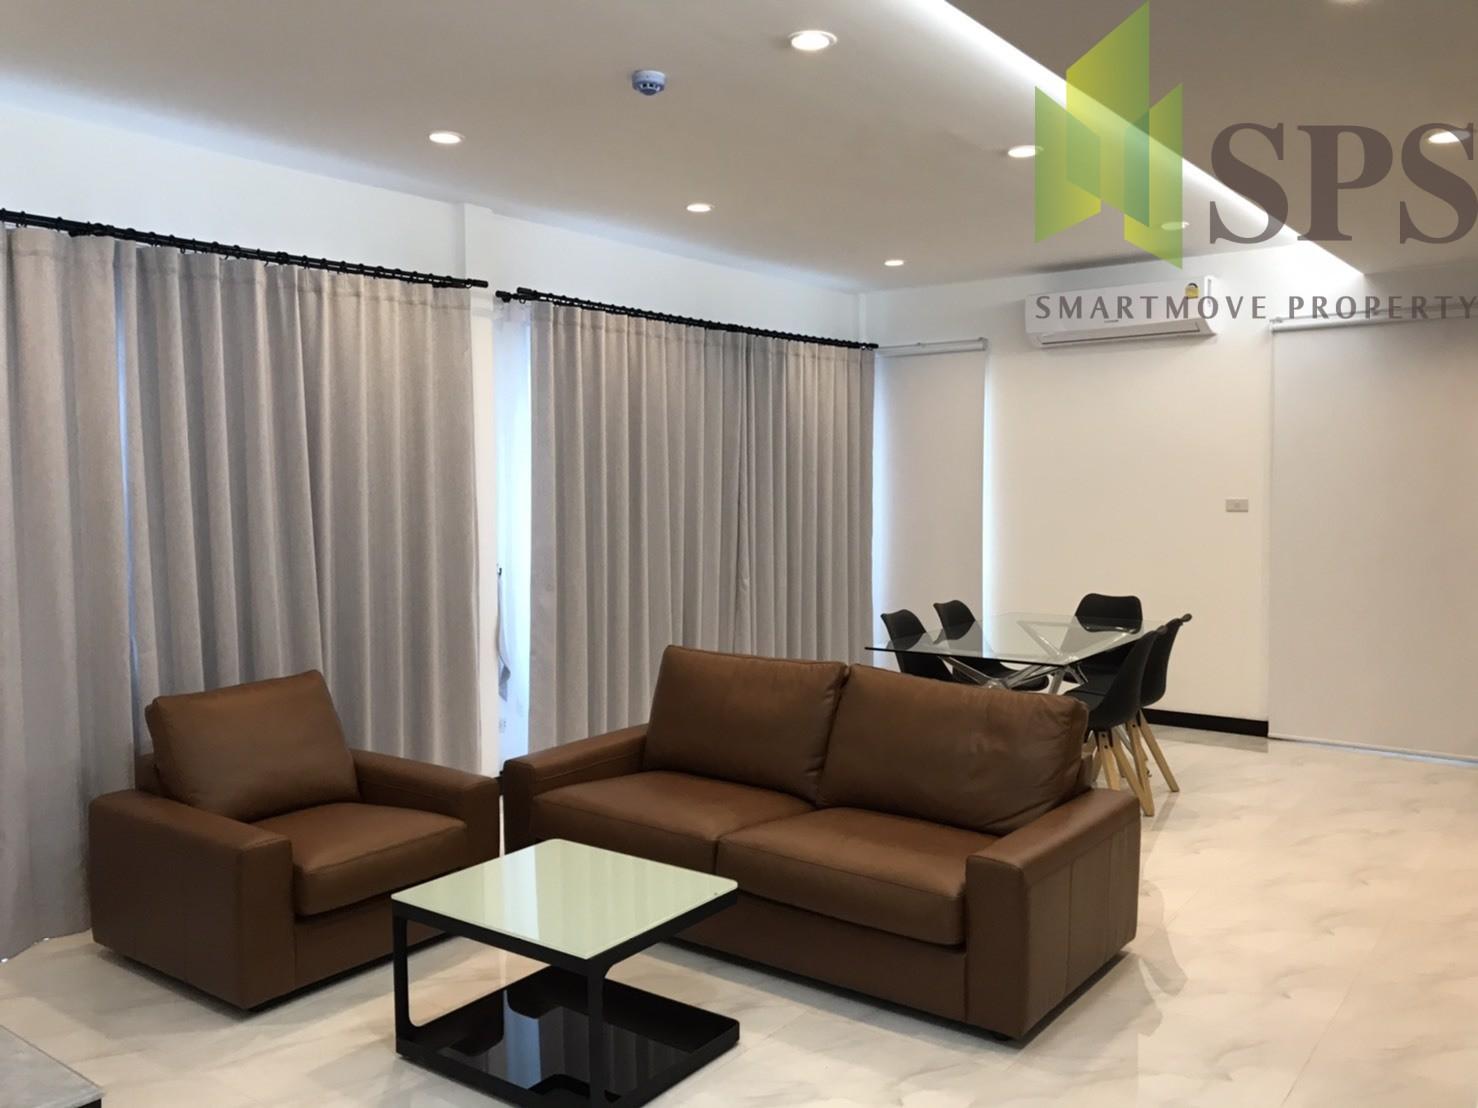 36 D.Well Apartment Sukhimvit 101/1 (SPS-GC601)